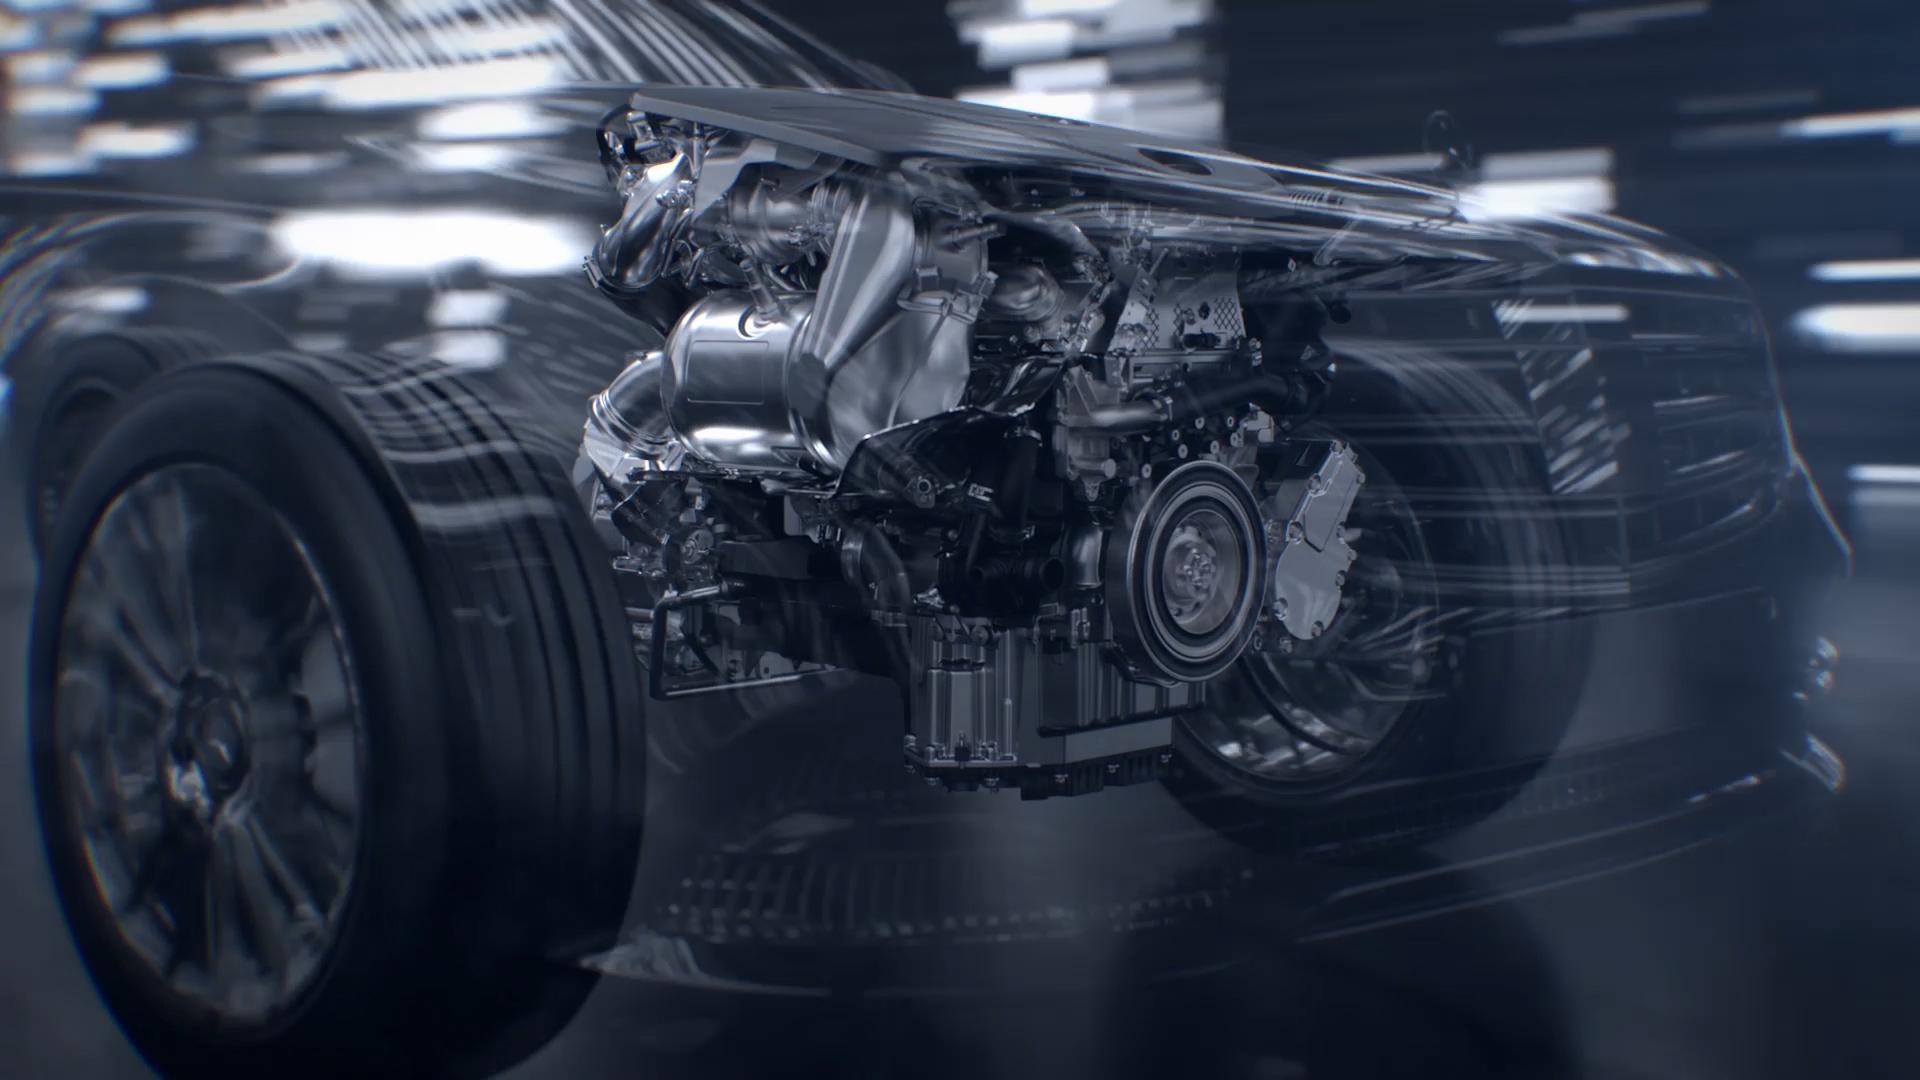 FAME Motoren